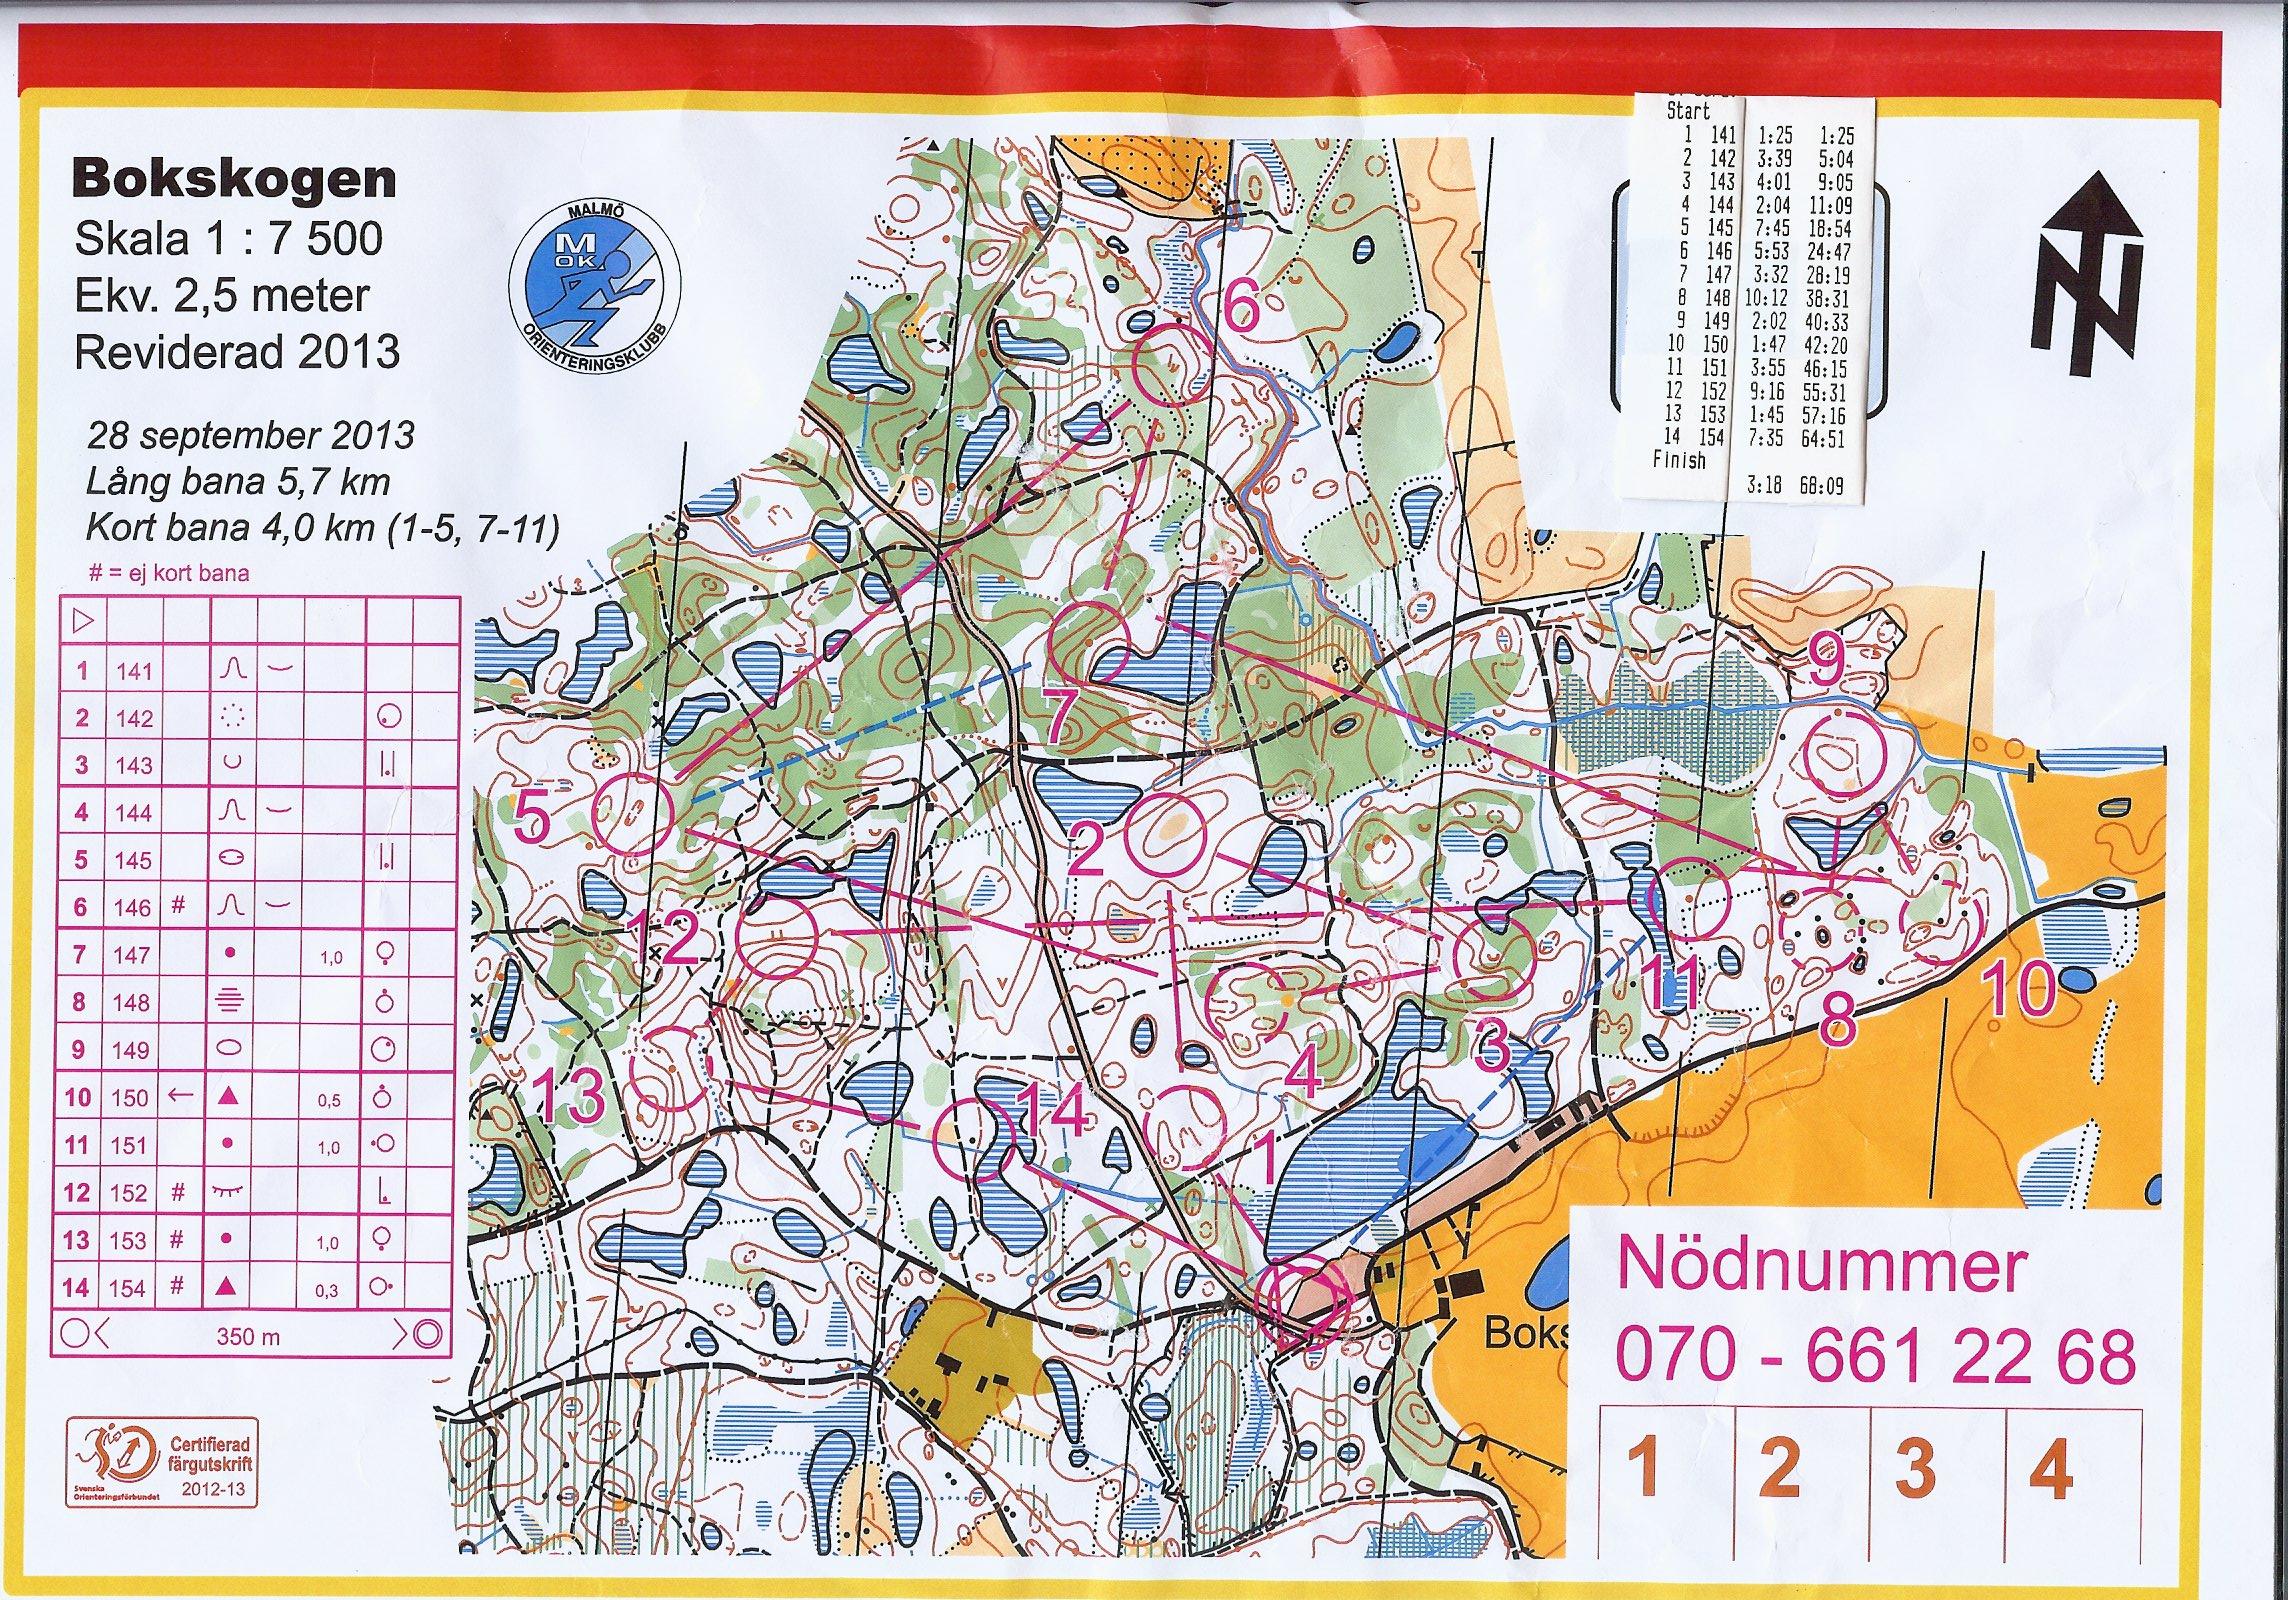 karta bokskogen torup Mitt digitala kartarkiv :: TPIF Bokskogen (2013 09 28) karta bokskogen torup